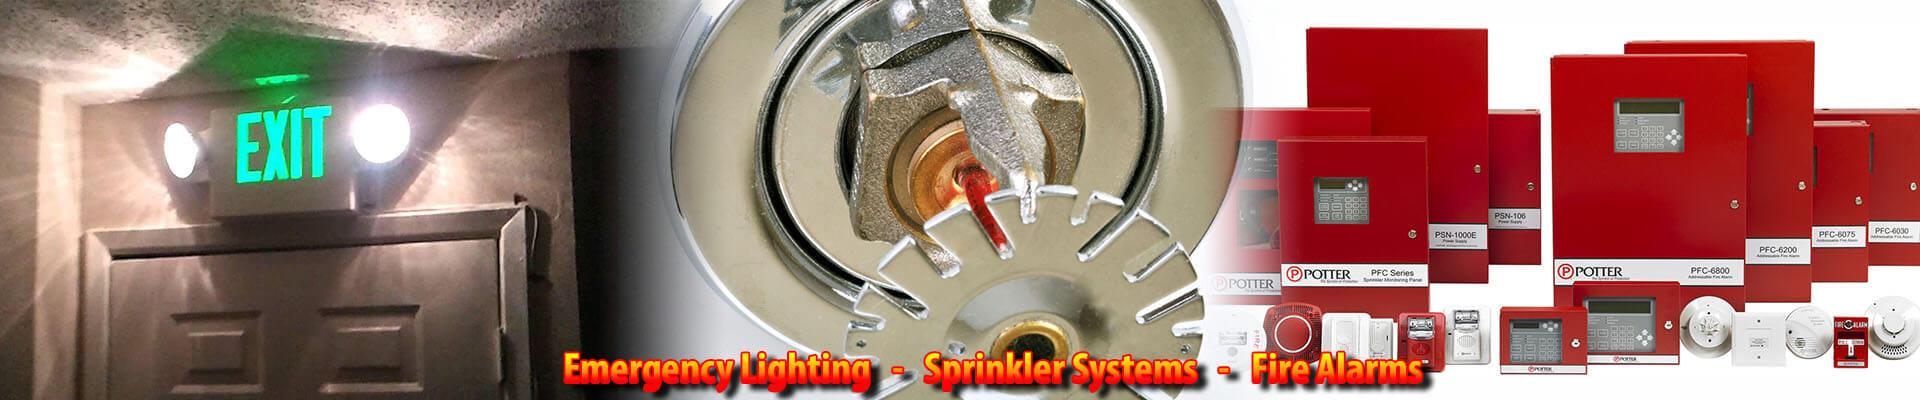 sprinklers alarms lights